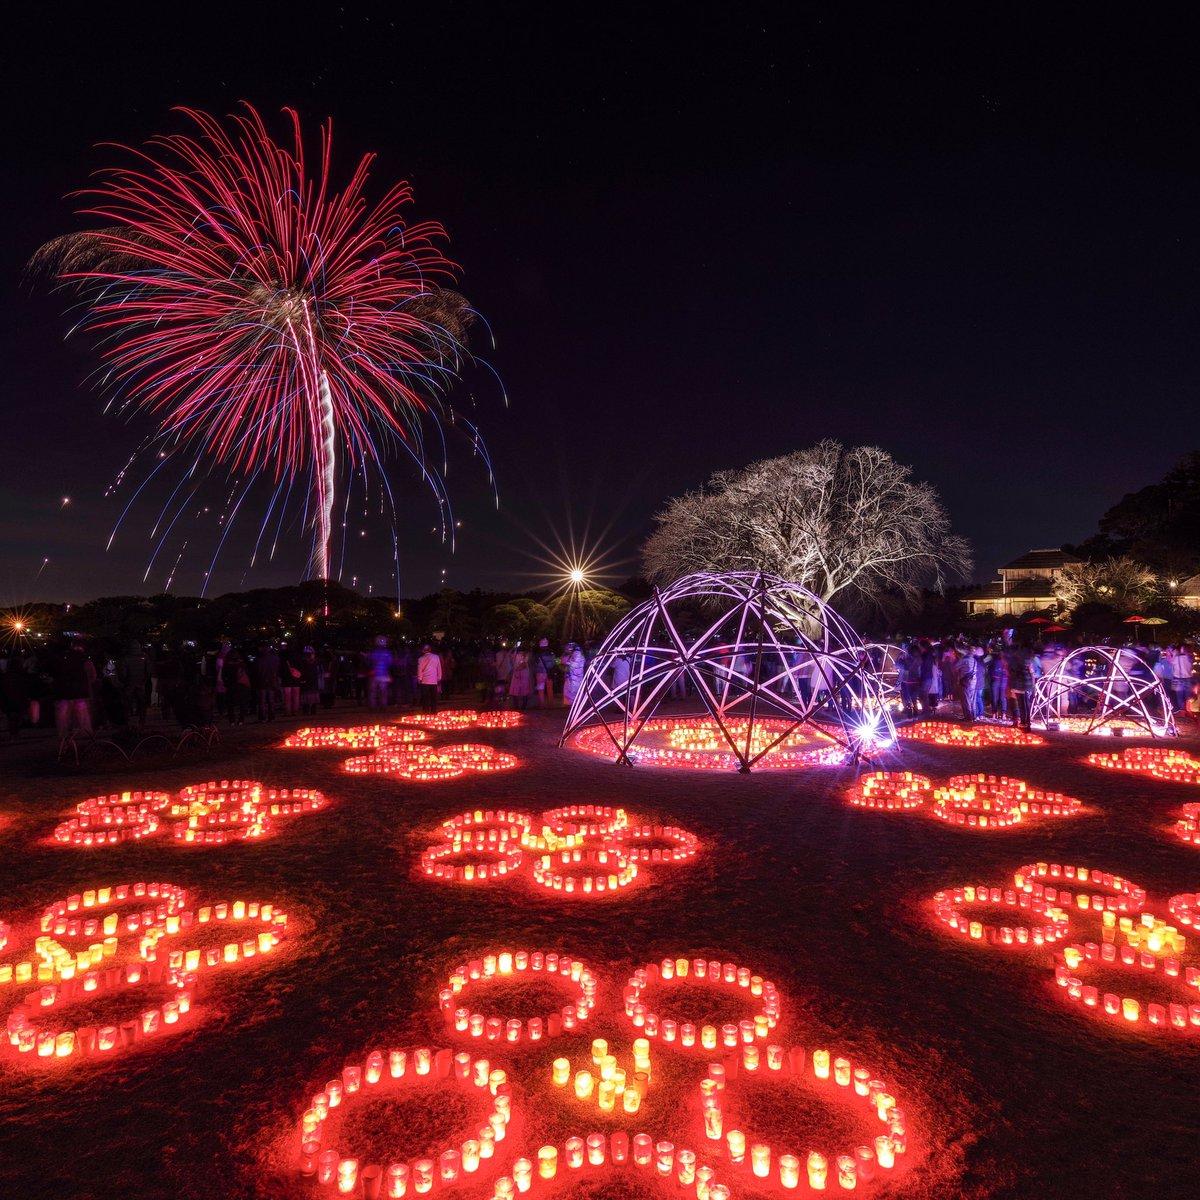 夜梅祭2017 hashtag on Twitter